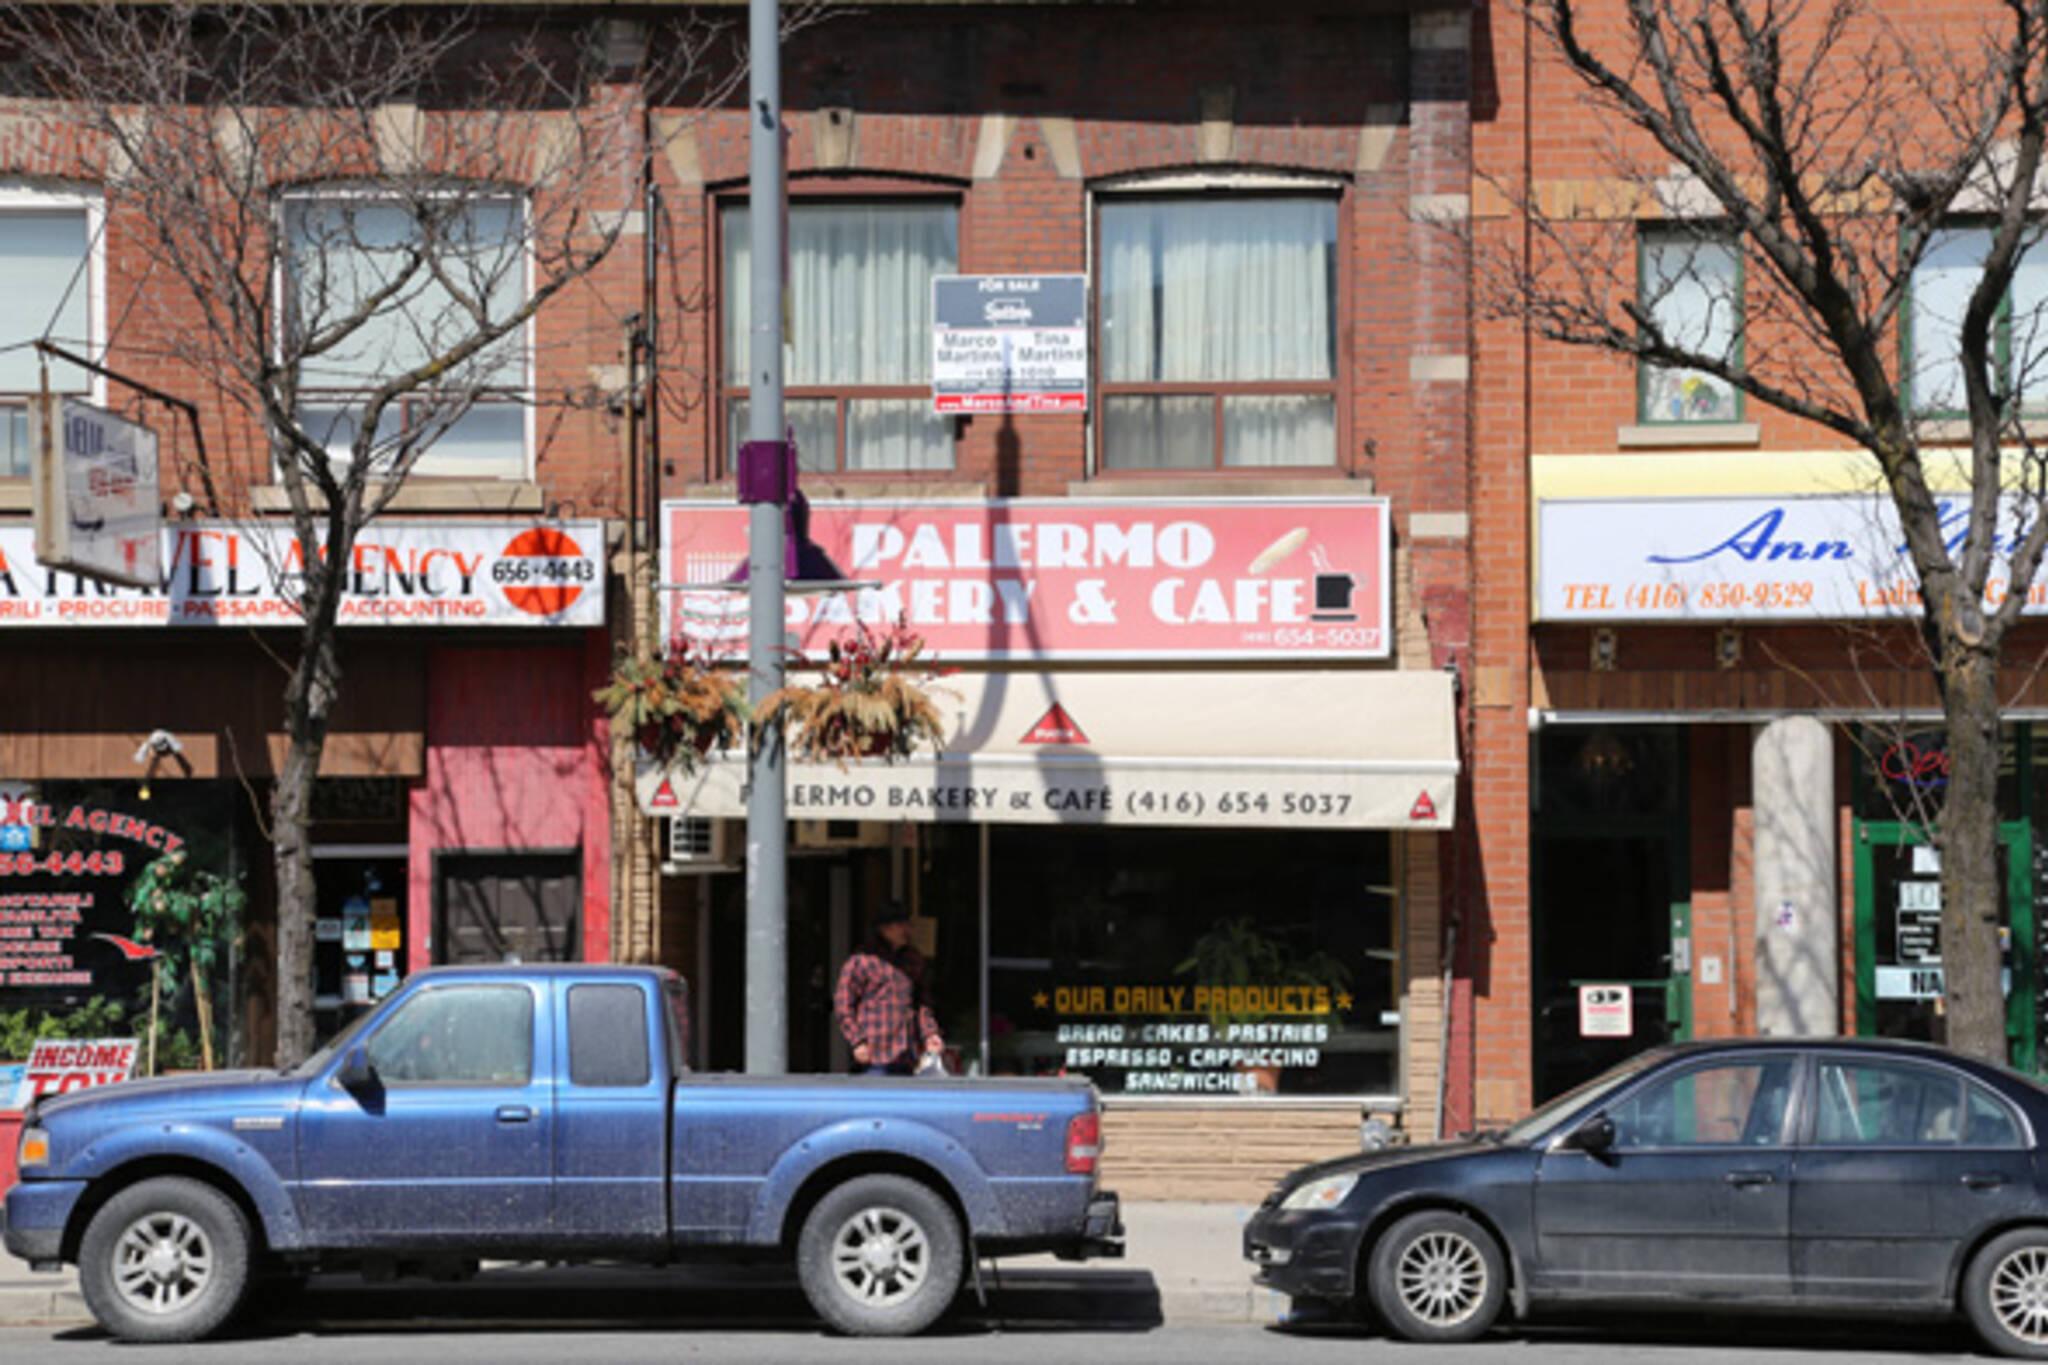 Palermo Bakery Toronto